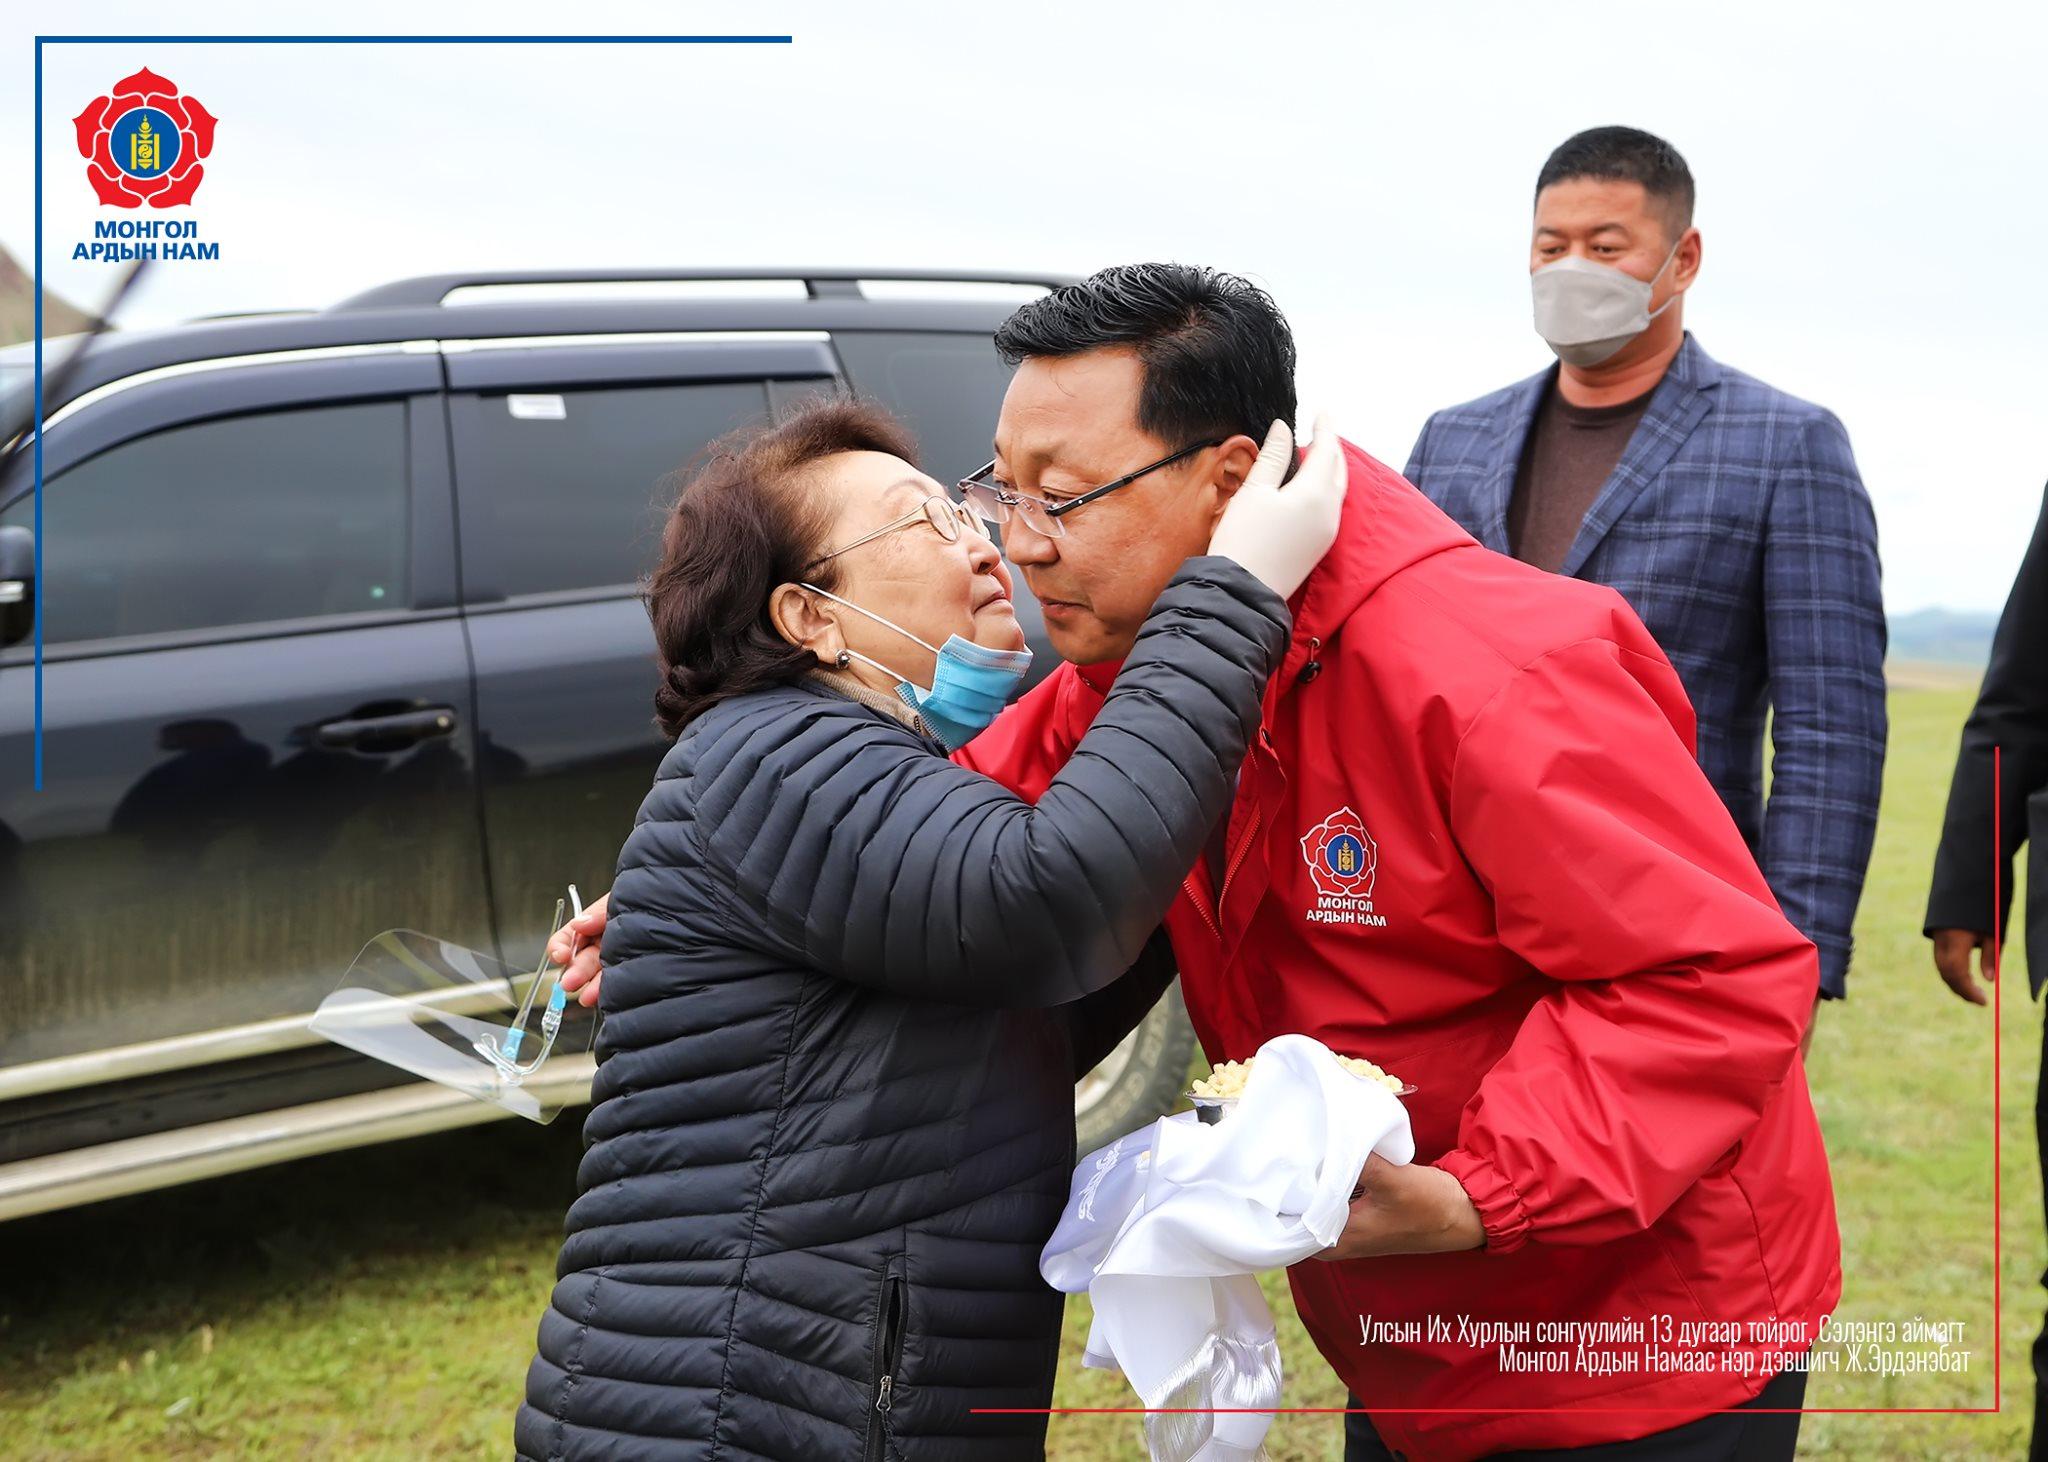 Сэлэнгэ аймгийн Мандал сумын иргэд сонгогчидтой уулзлаа